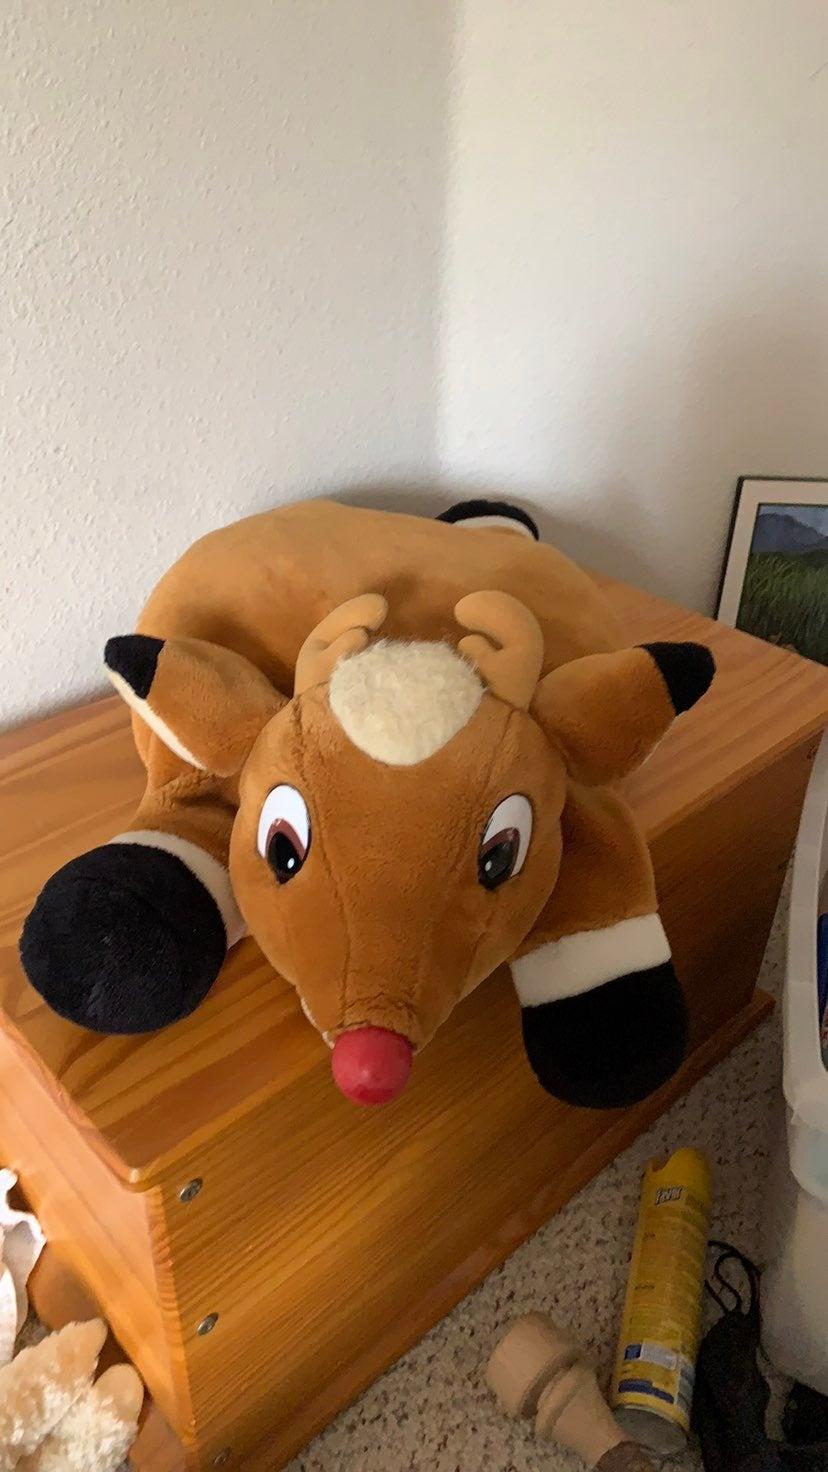 Cute rudolph  reindeer pillow or stuffed